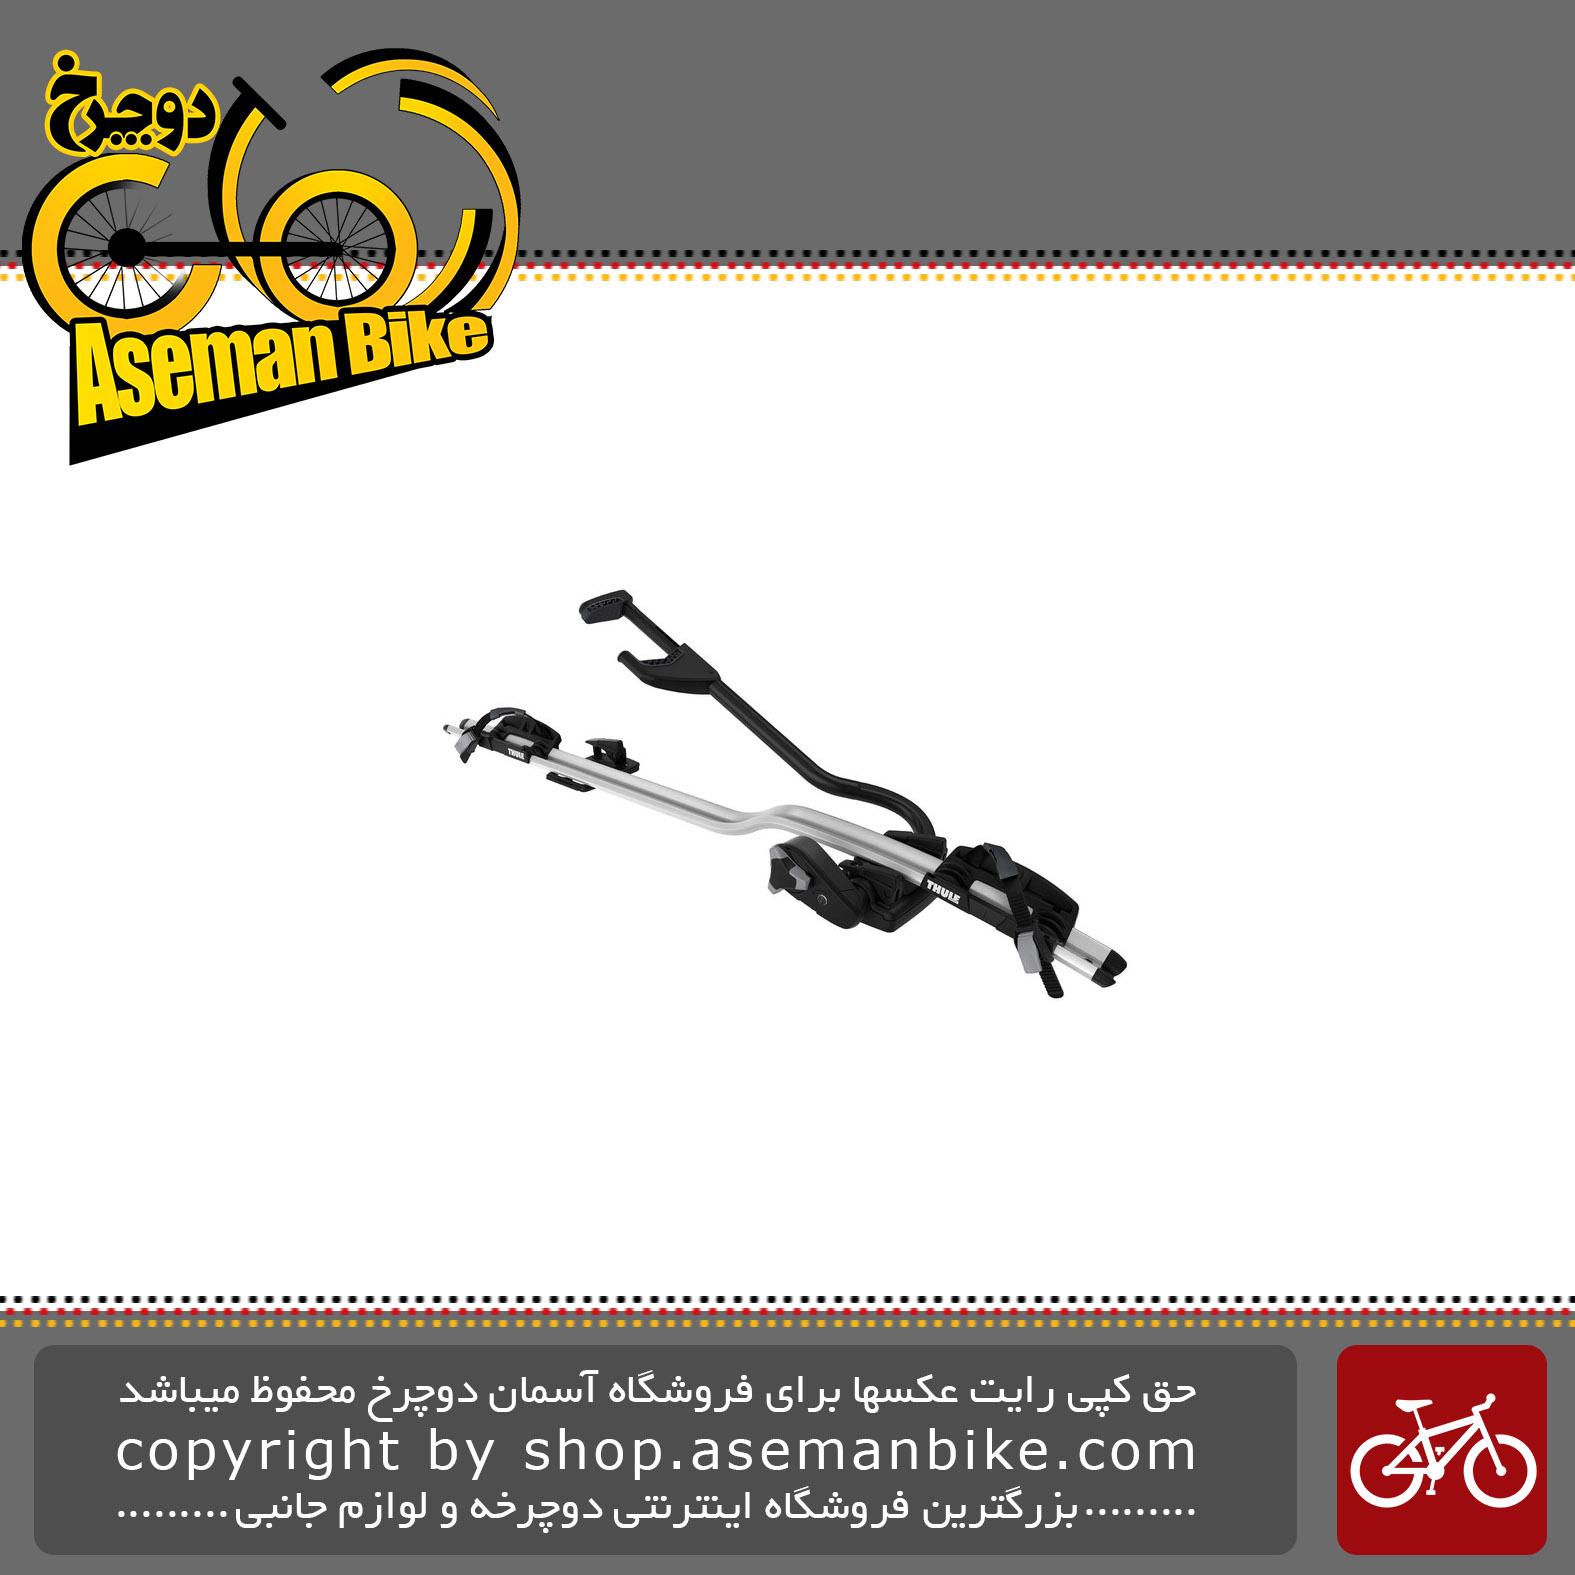 باربند مخصوص حمل دوچرخه تول سقفی مدل پرو راید سیلور Thule ProRide Silver